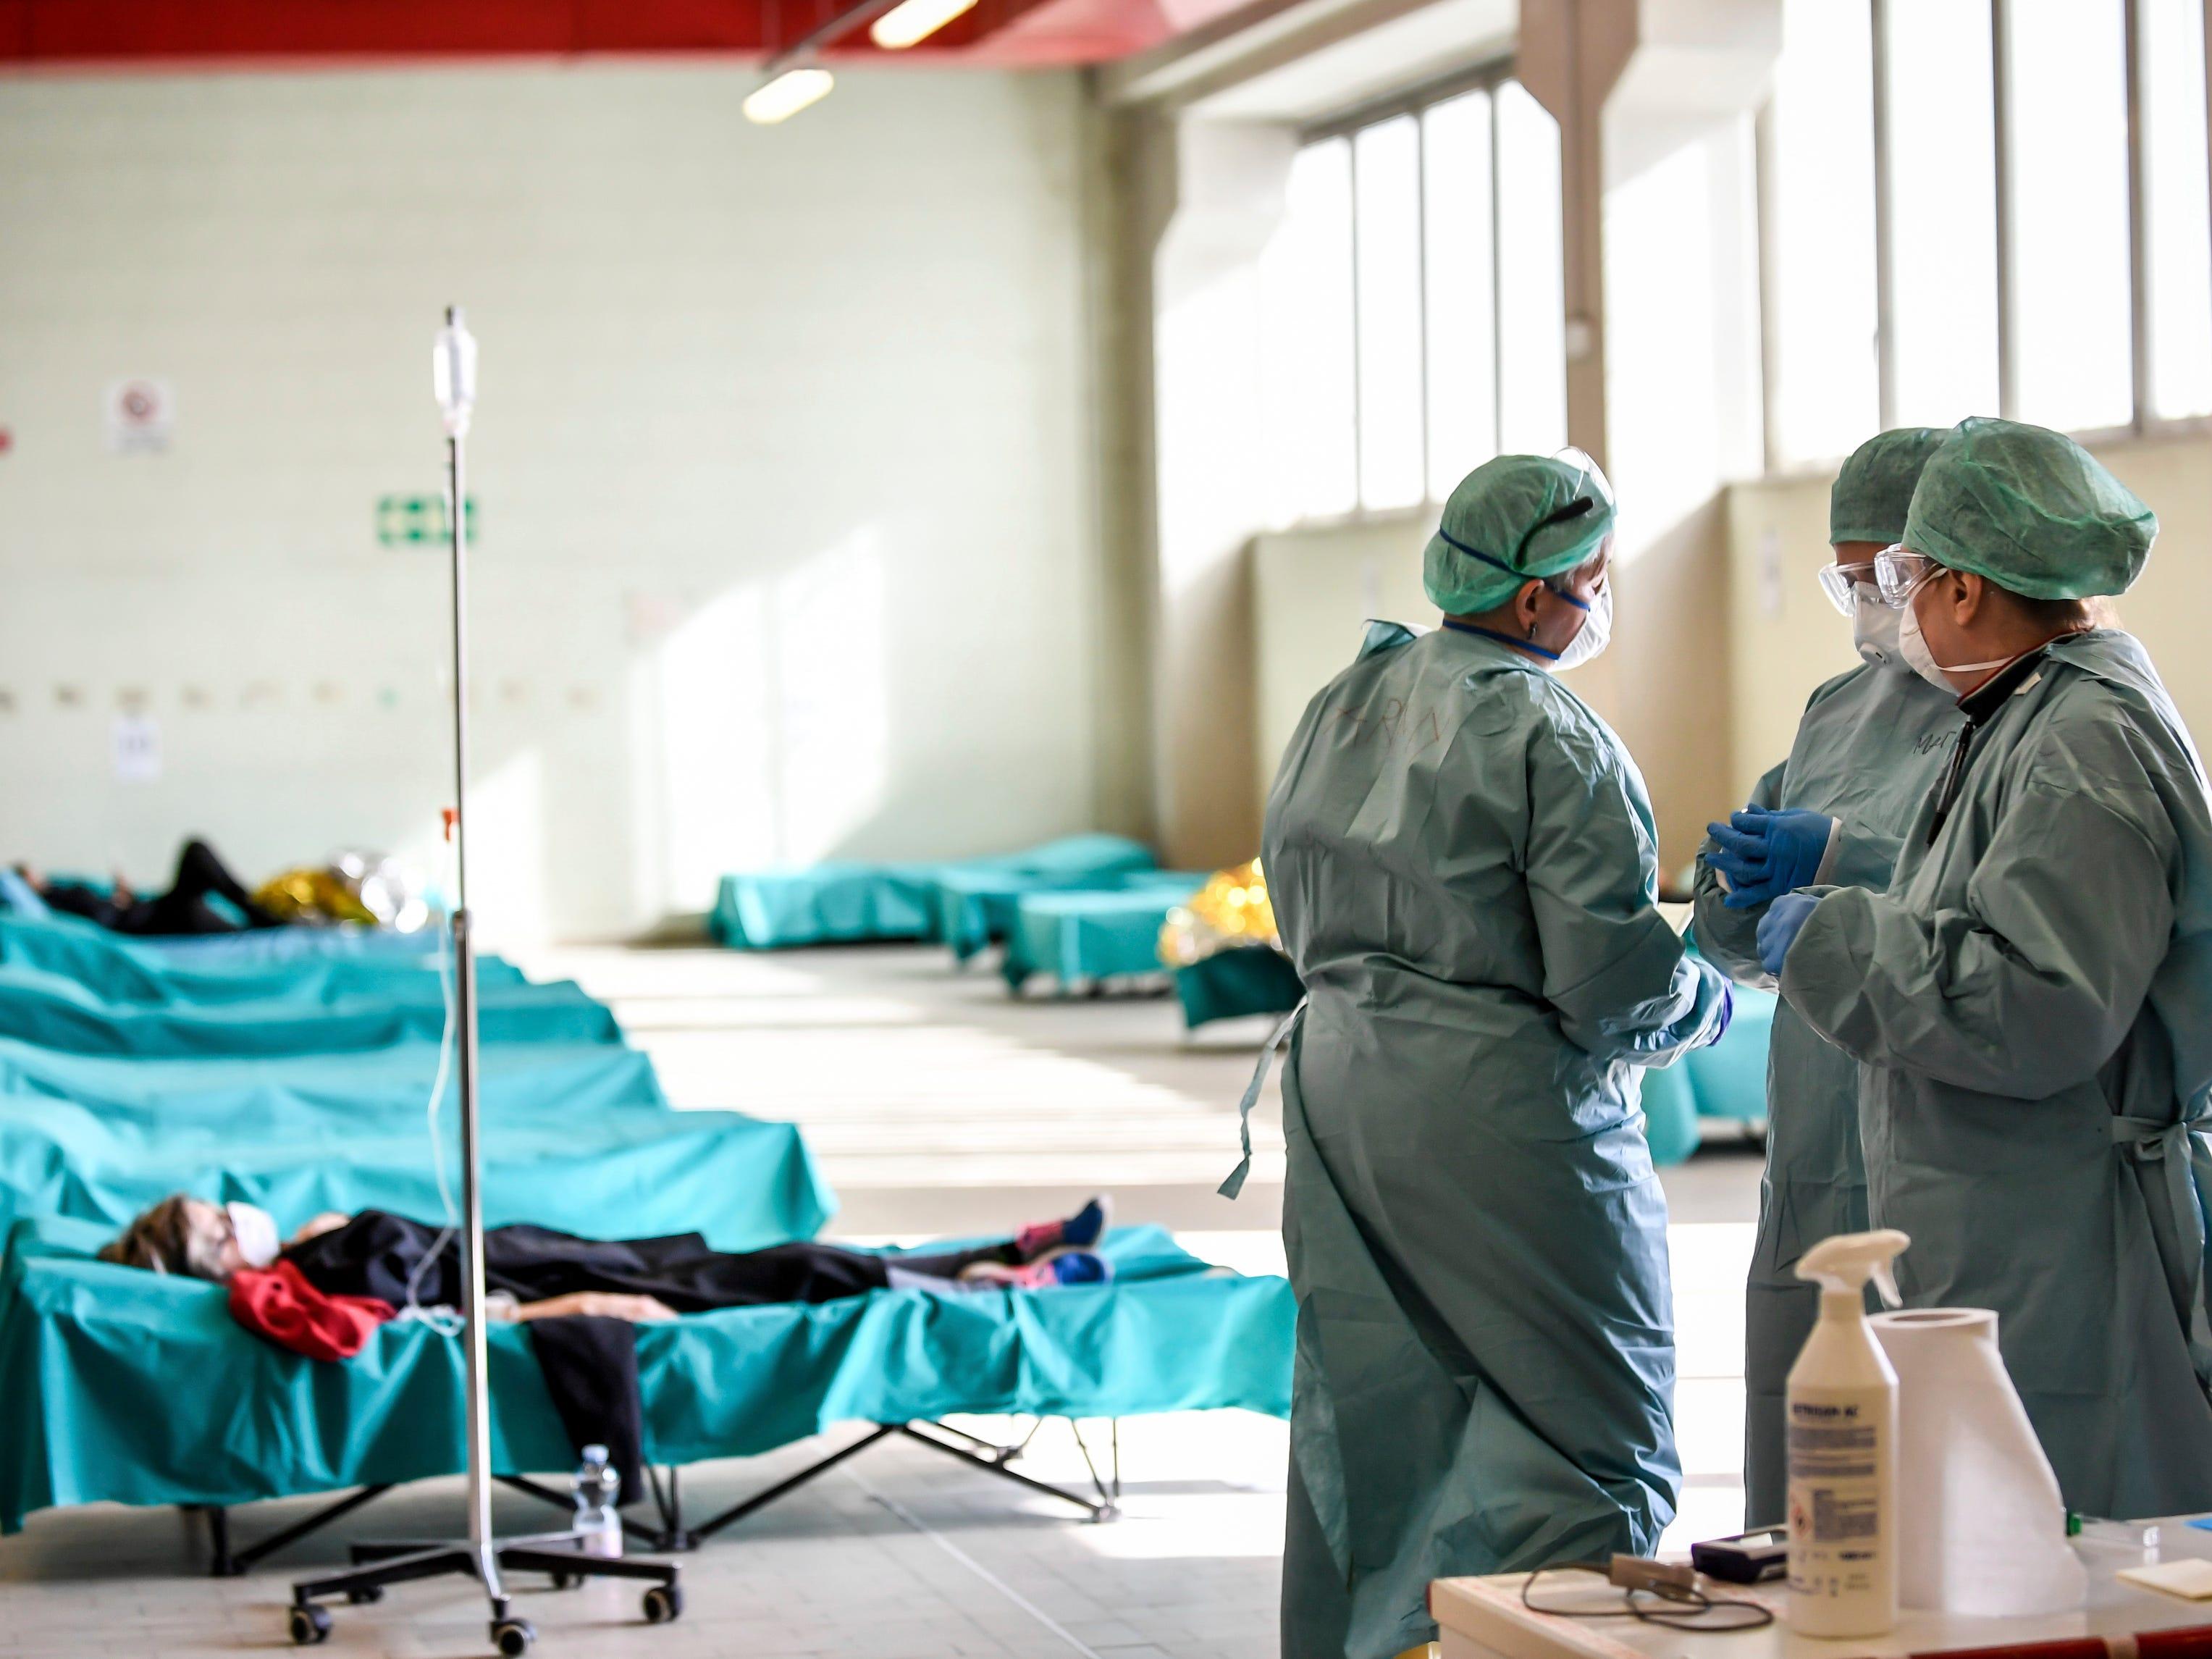 死亡 率 イタリア 新型コロナウィルス感染、イタリアでの年代別死亡率、中国との比較でわかったこと